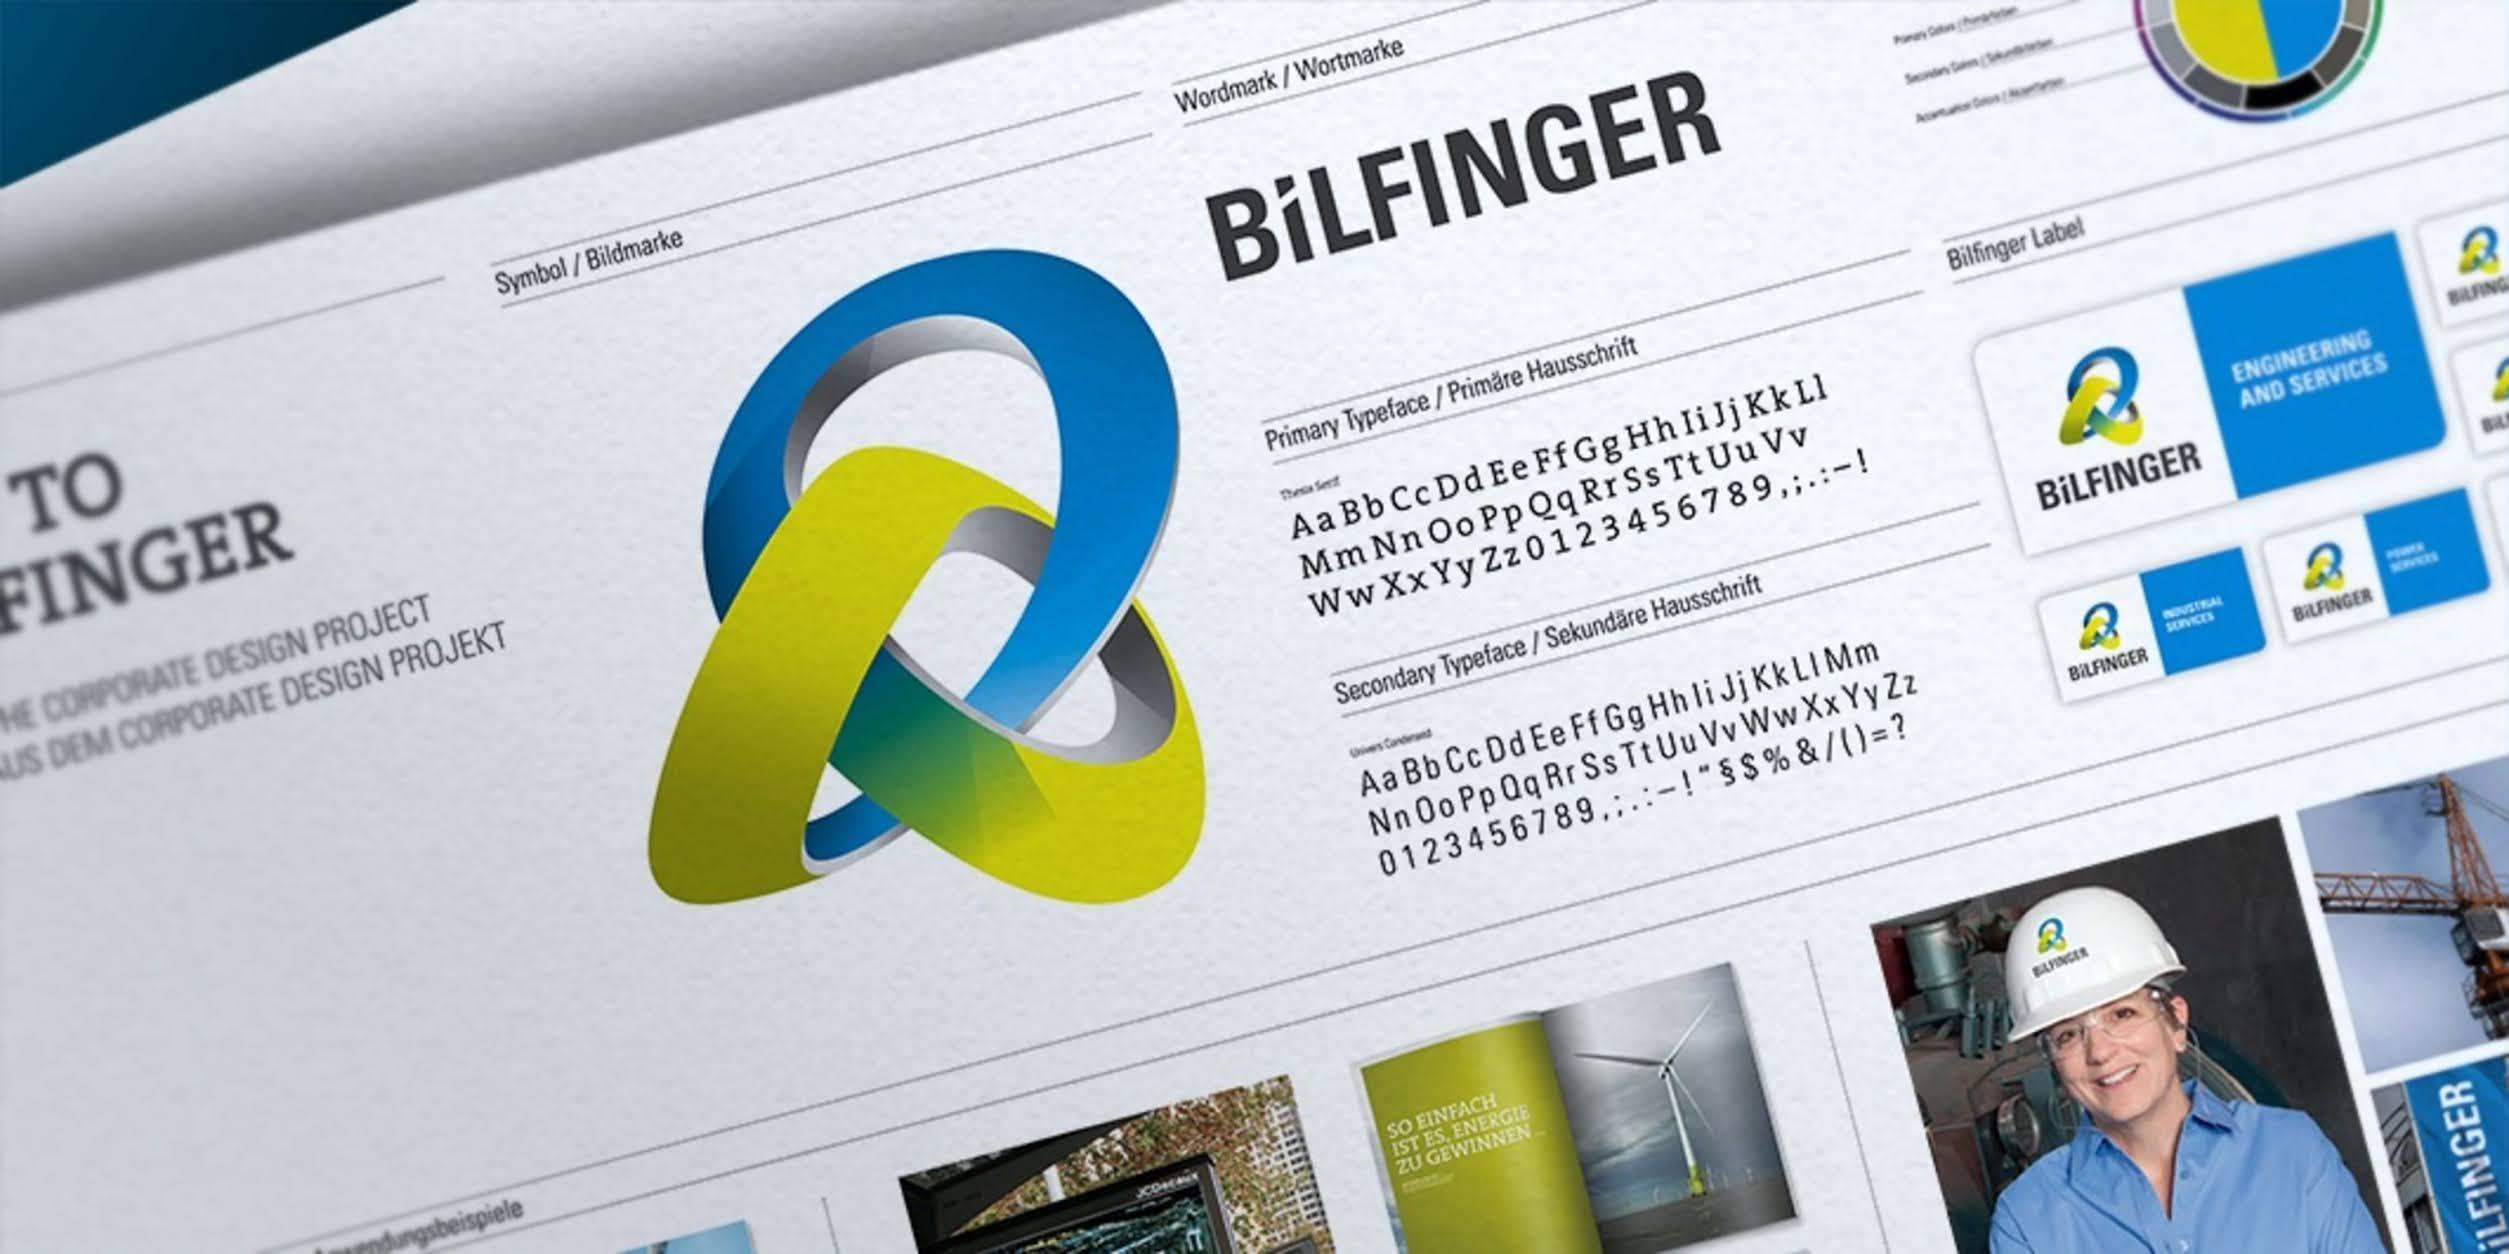 وظائف blifinger للبترول والغاز بالدمام 1442